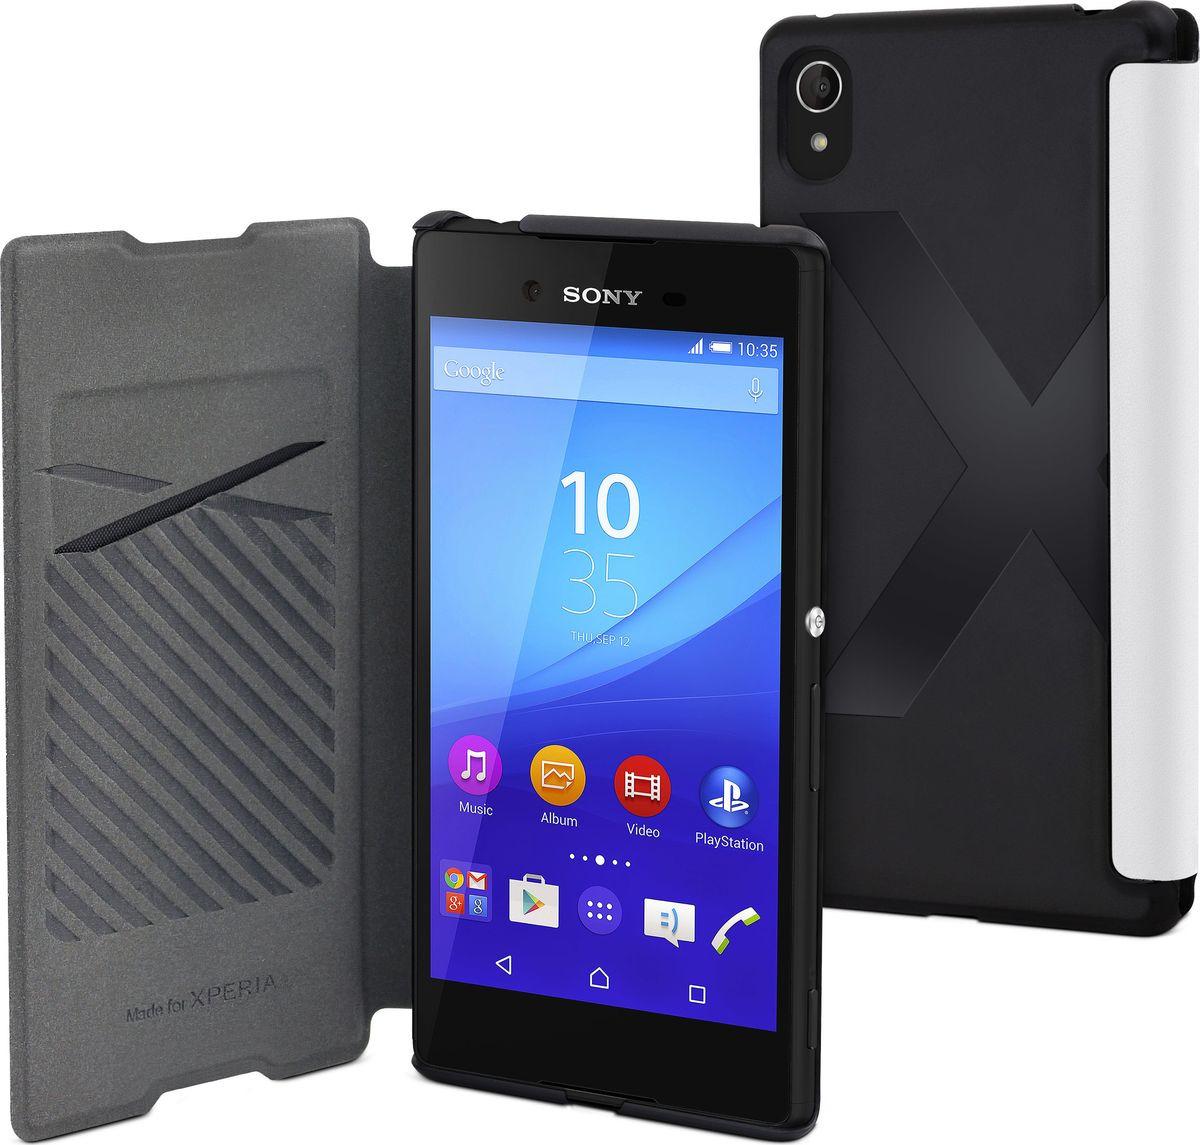 Чехол для сотового телефона Muvit MFX Easy Folio Case для Sony Xperia Z3+, SEEAF0032, белый кейс для назначение sony z5 sony xperia z3 sony xperia z3 compact xperia z5 xperia z3 xperia x кошелек со стендом чехол однотонный твердый кожа pu для sony xperia z2 sony xperia z3 sony